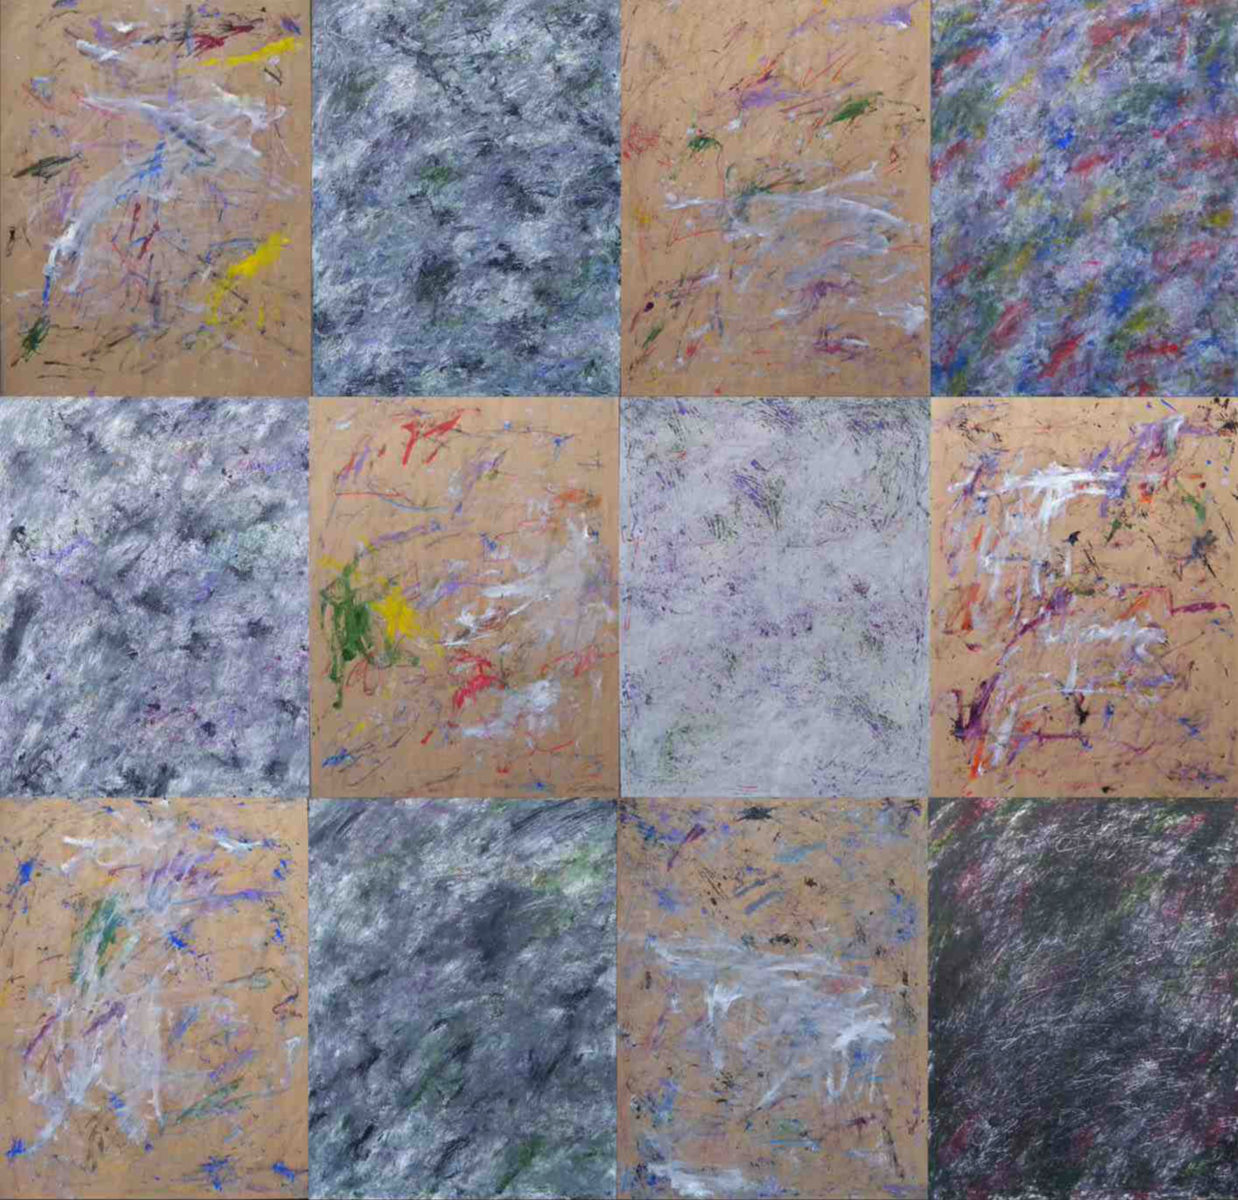 MARC FELD 2014 ALGORITHME 2  Huile et acrylique sur papier kraft marouflé sur toile 195 x 200 cm